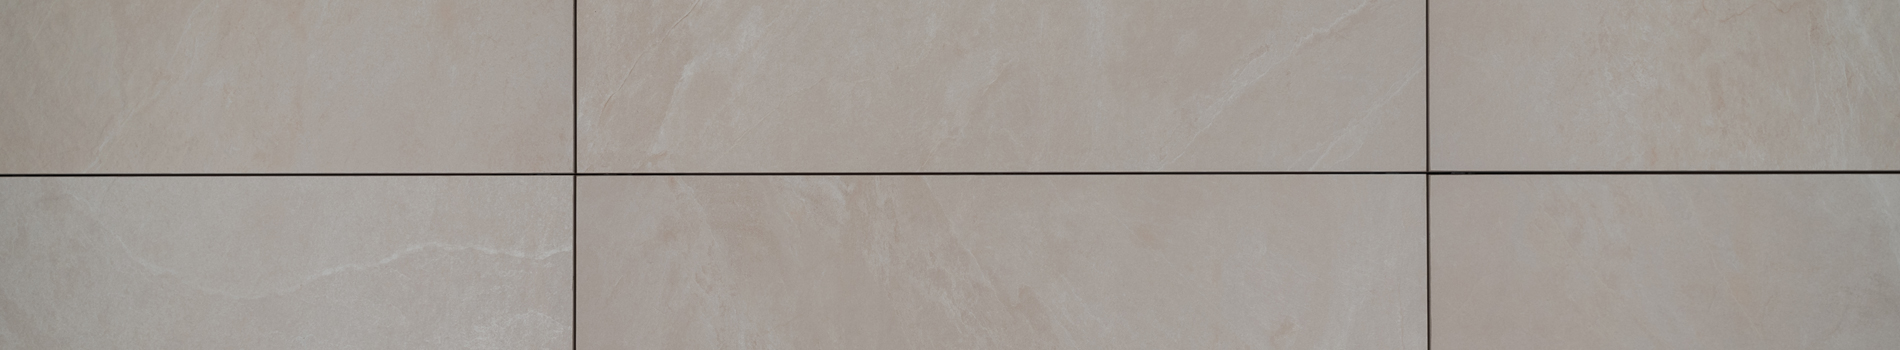 10mm Slate White Design Variation